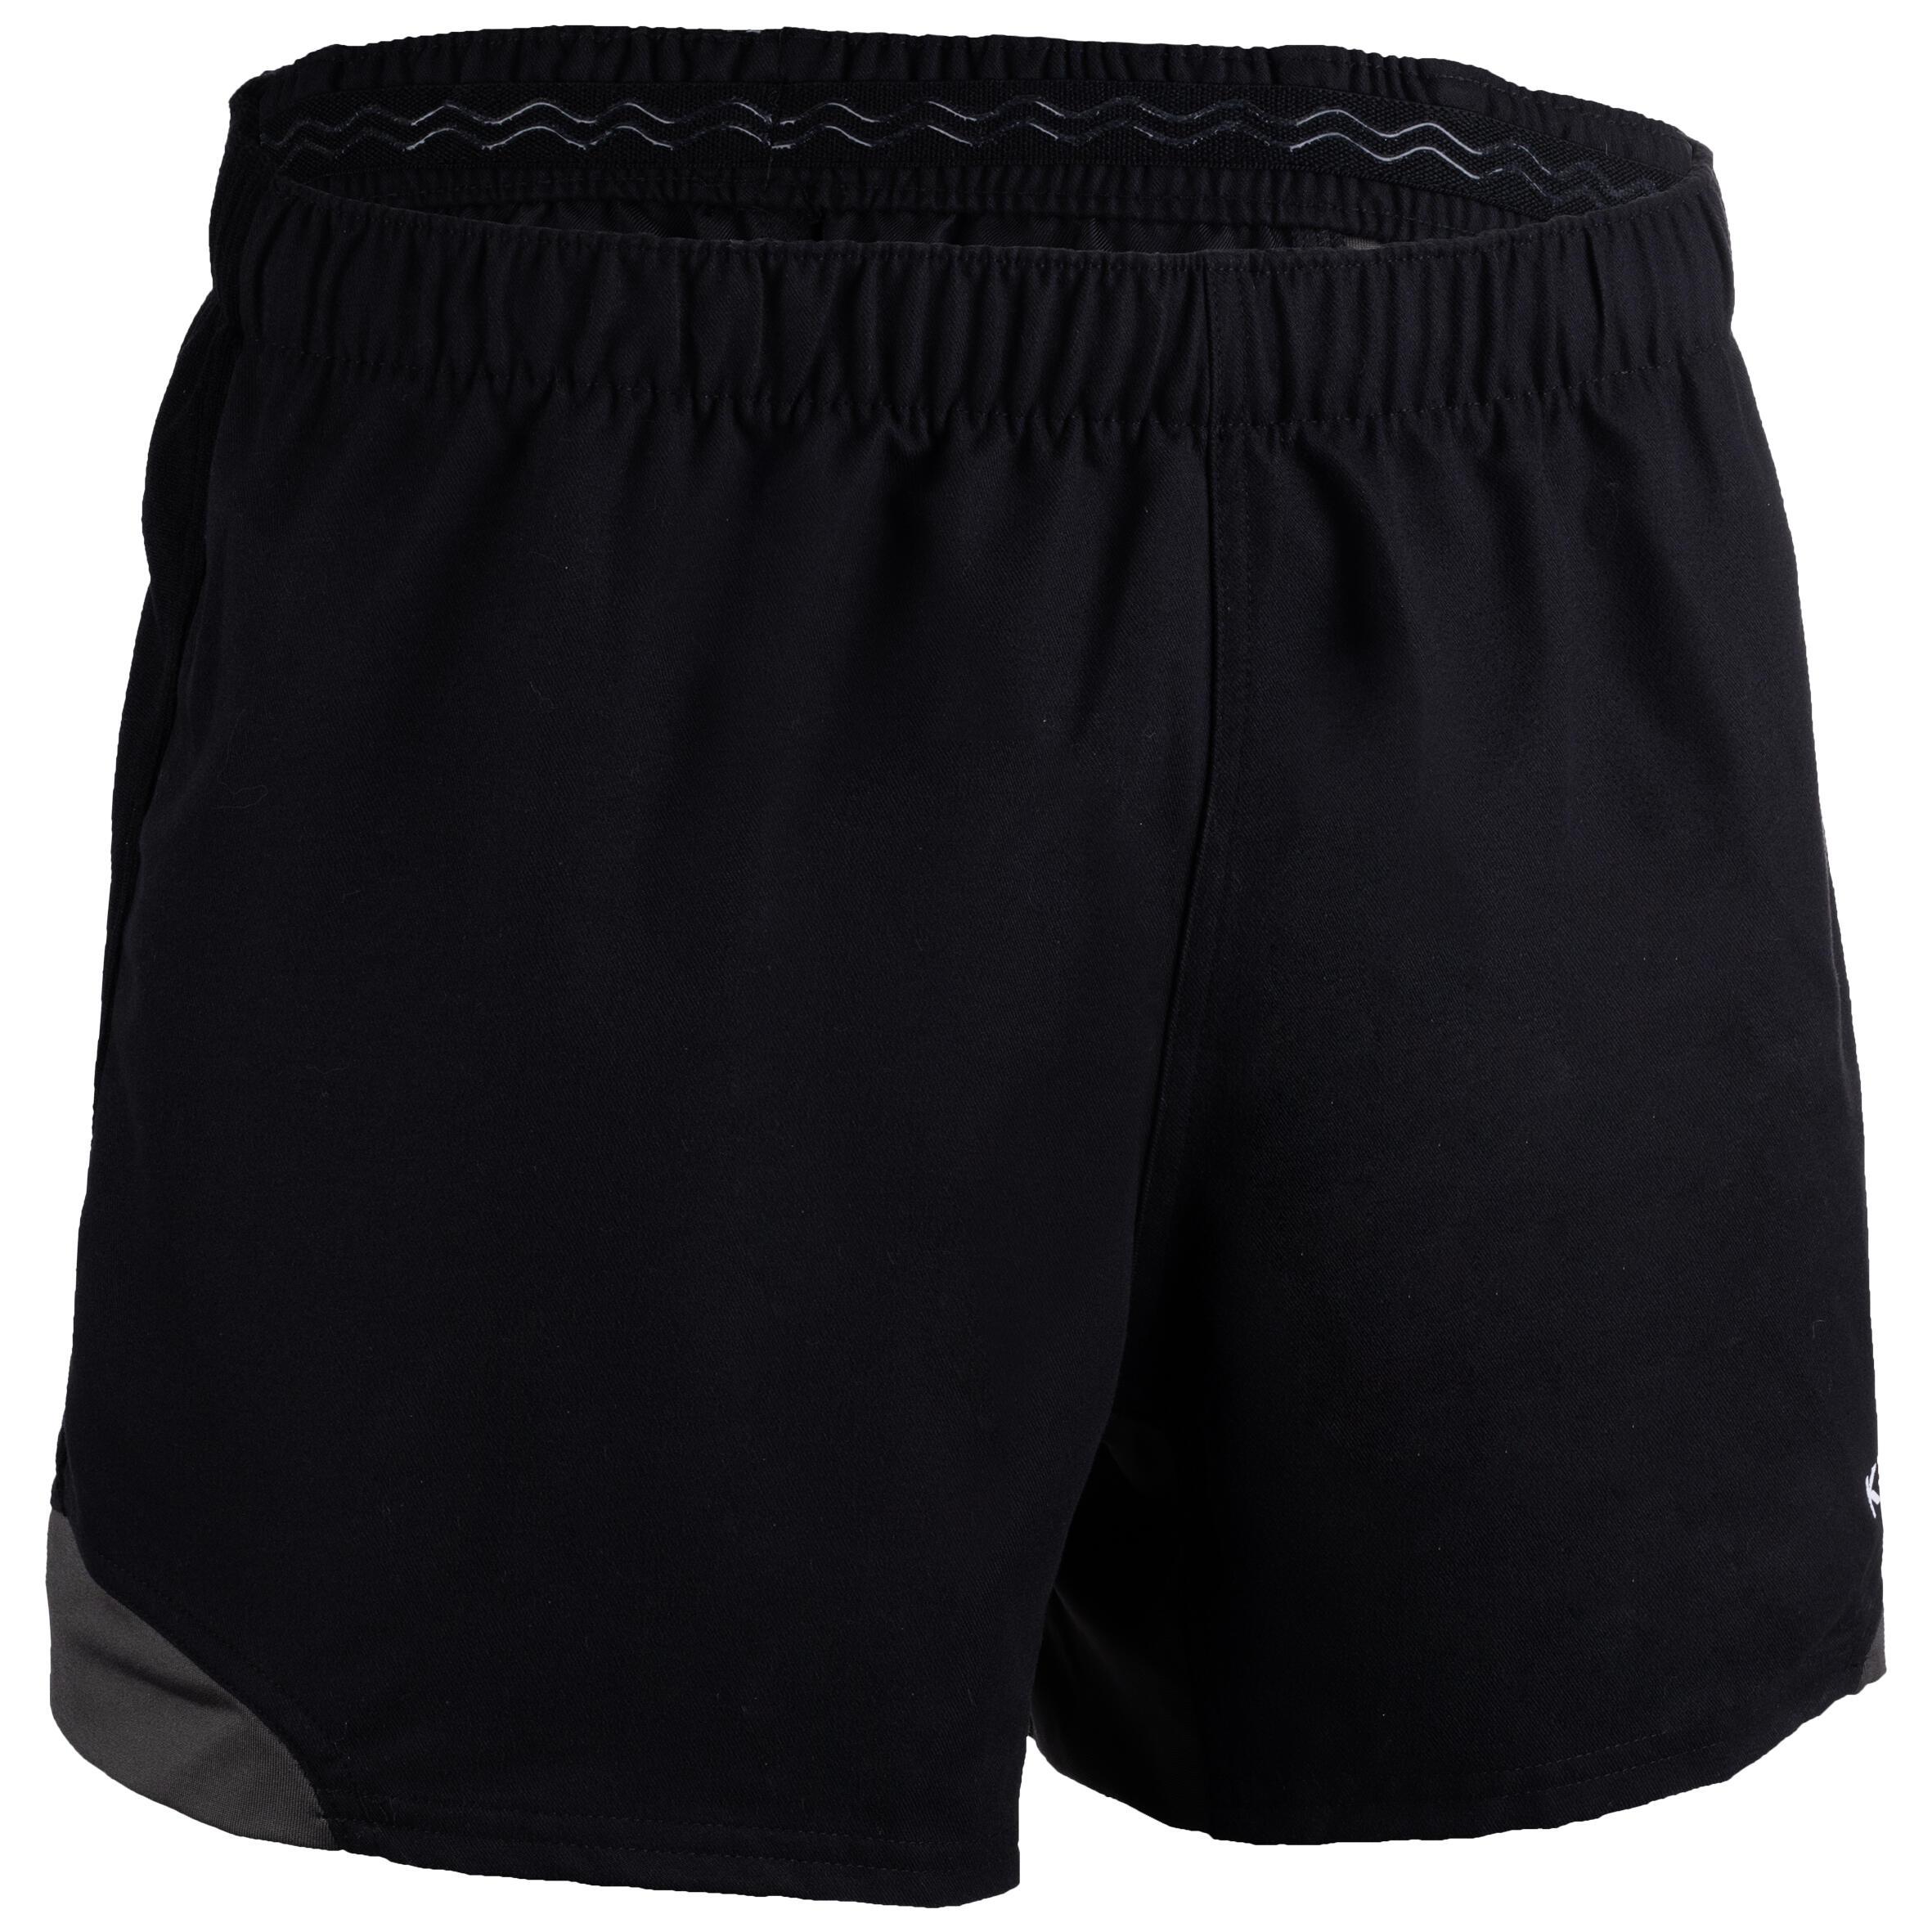 Rugbyshorts R900 Herren schwarz/grau | Sportbekleidung > Sporthosen > Sportshorts | Schwarz - Grau | Offload